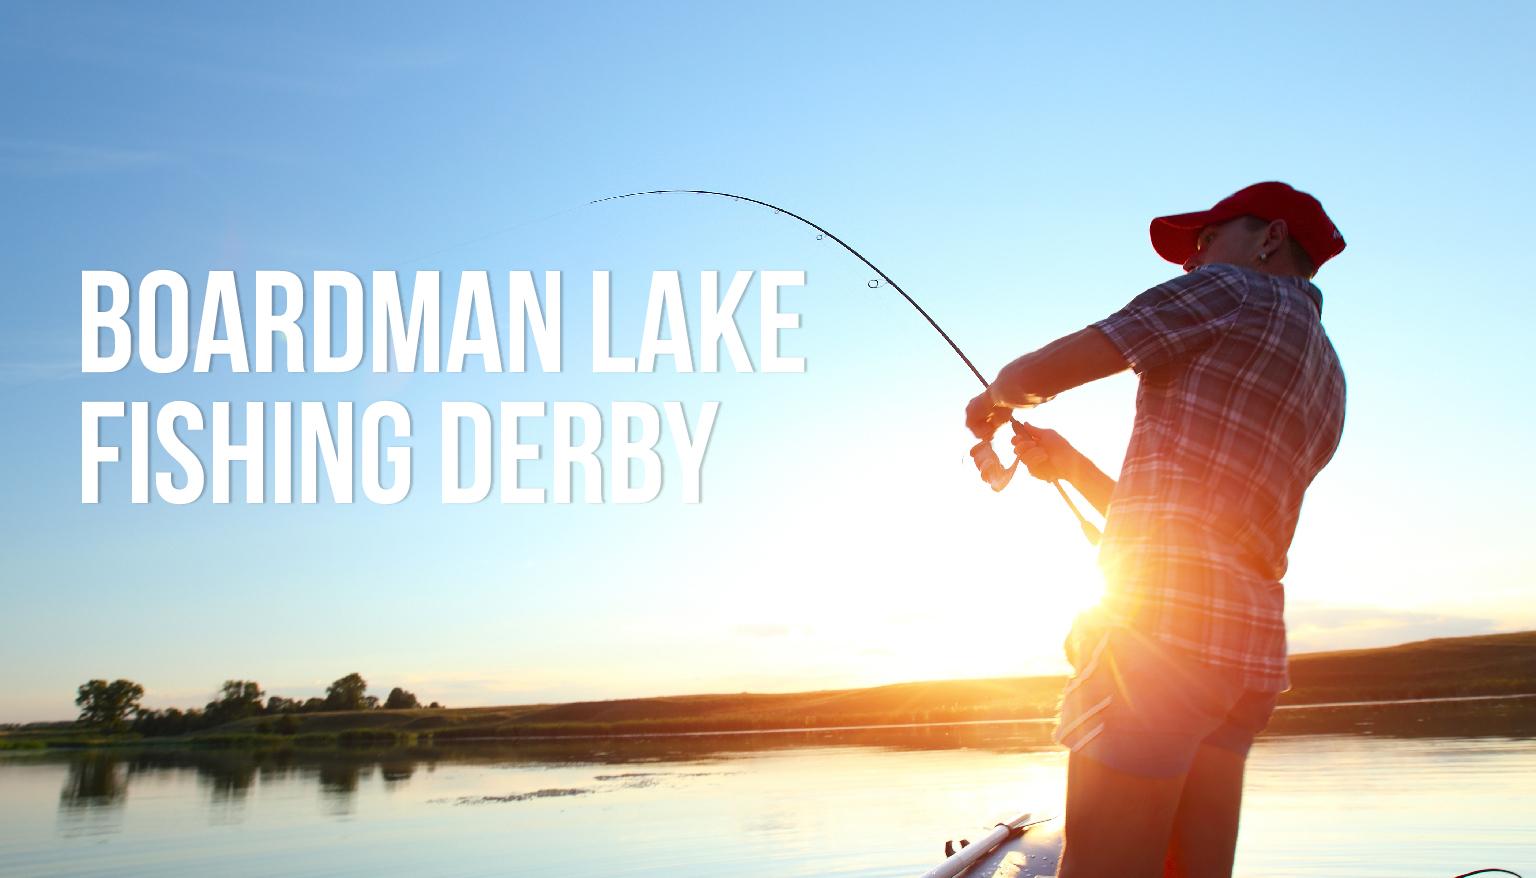 Boardman Lake Fishing Derby